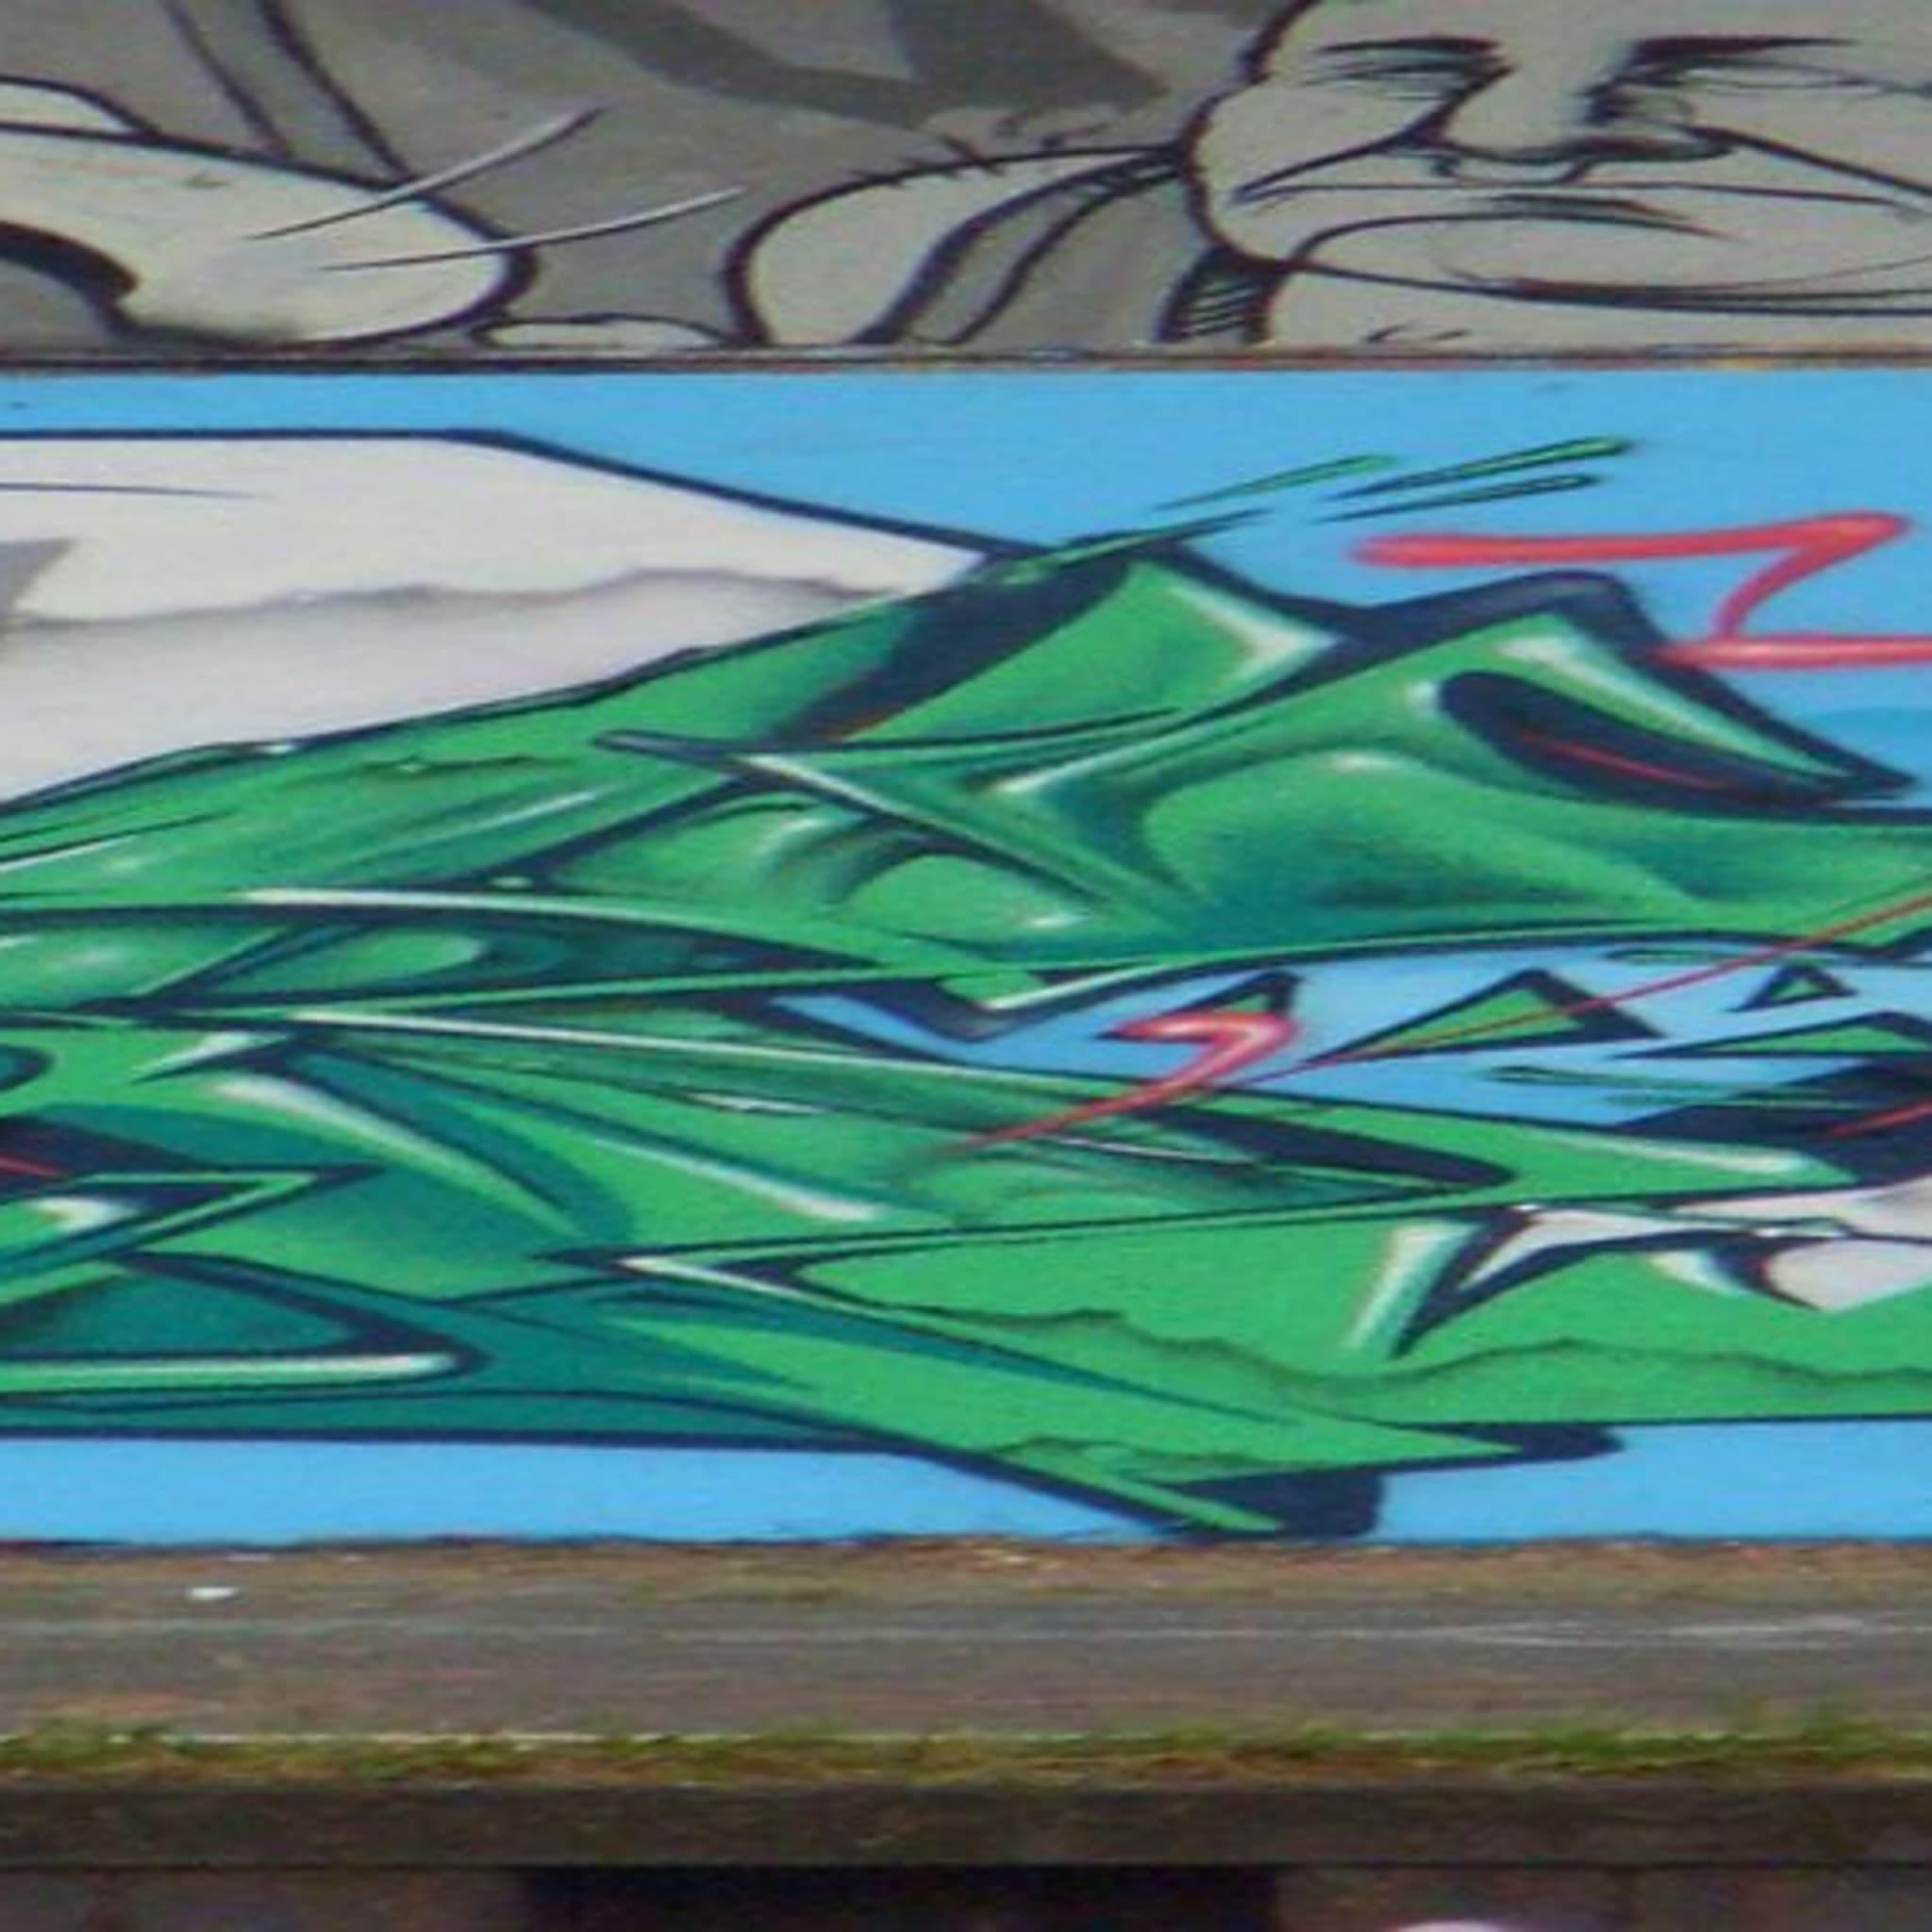 Artwork By AGRUME in Saarbrücken